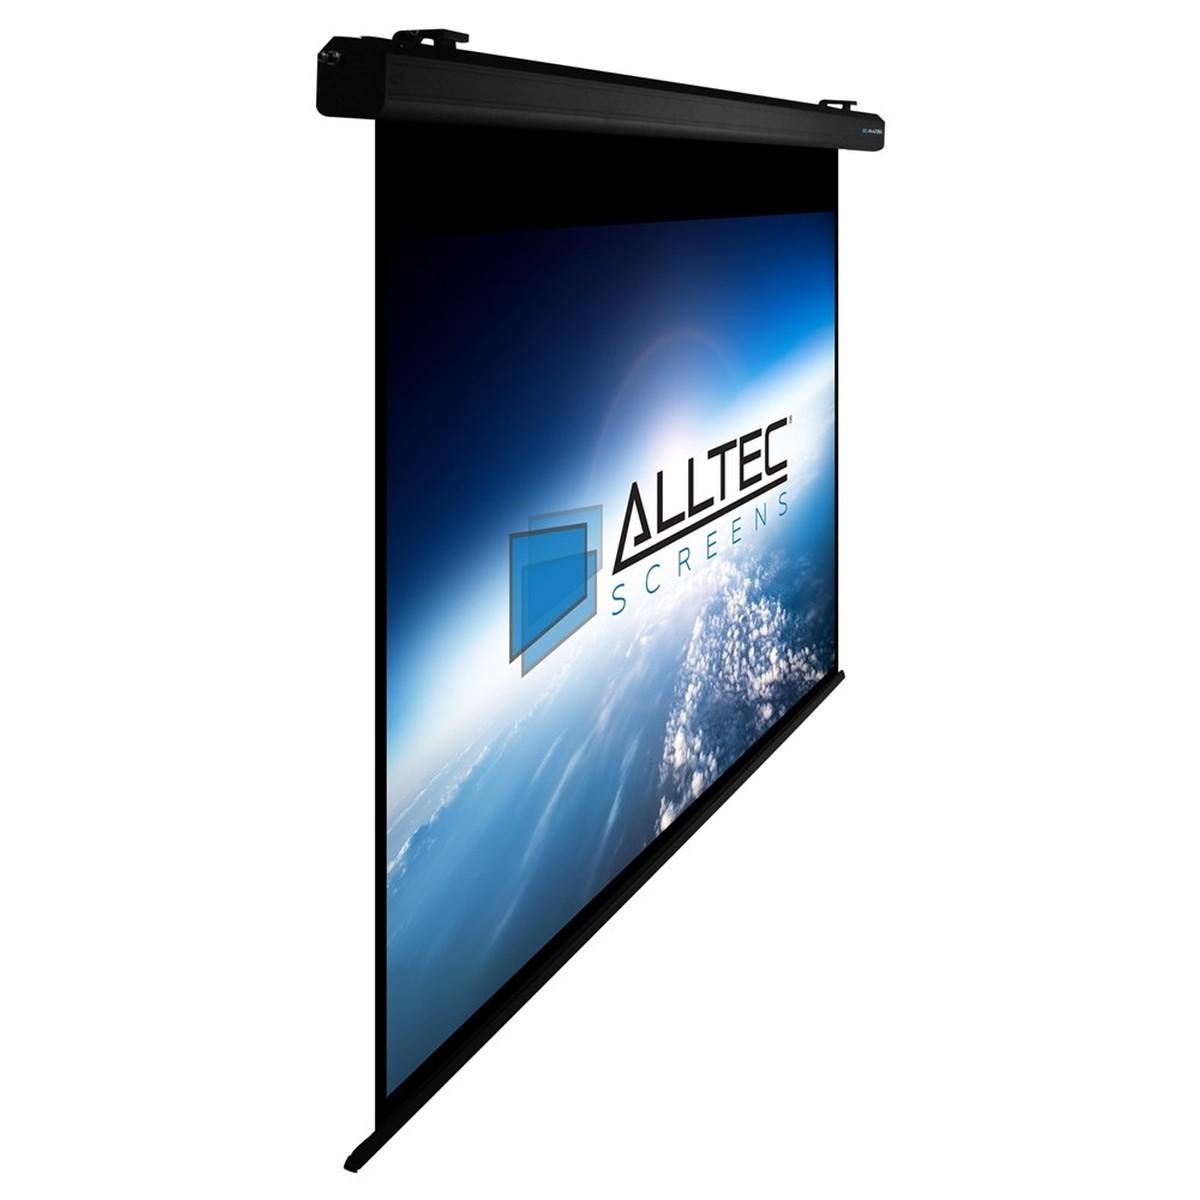 Alltec Ats E120hb Electric Projector Screen 16 9 Matte